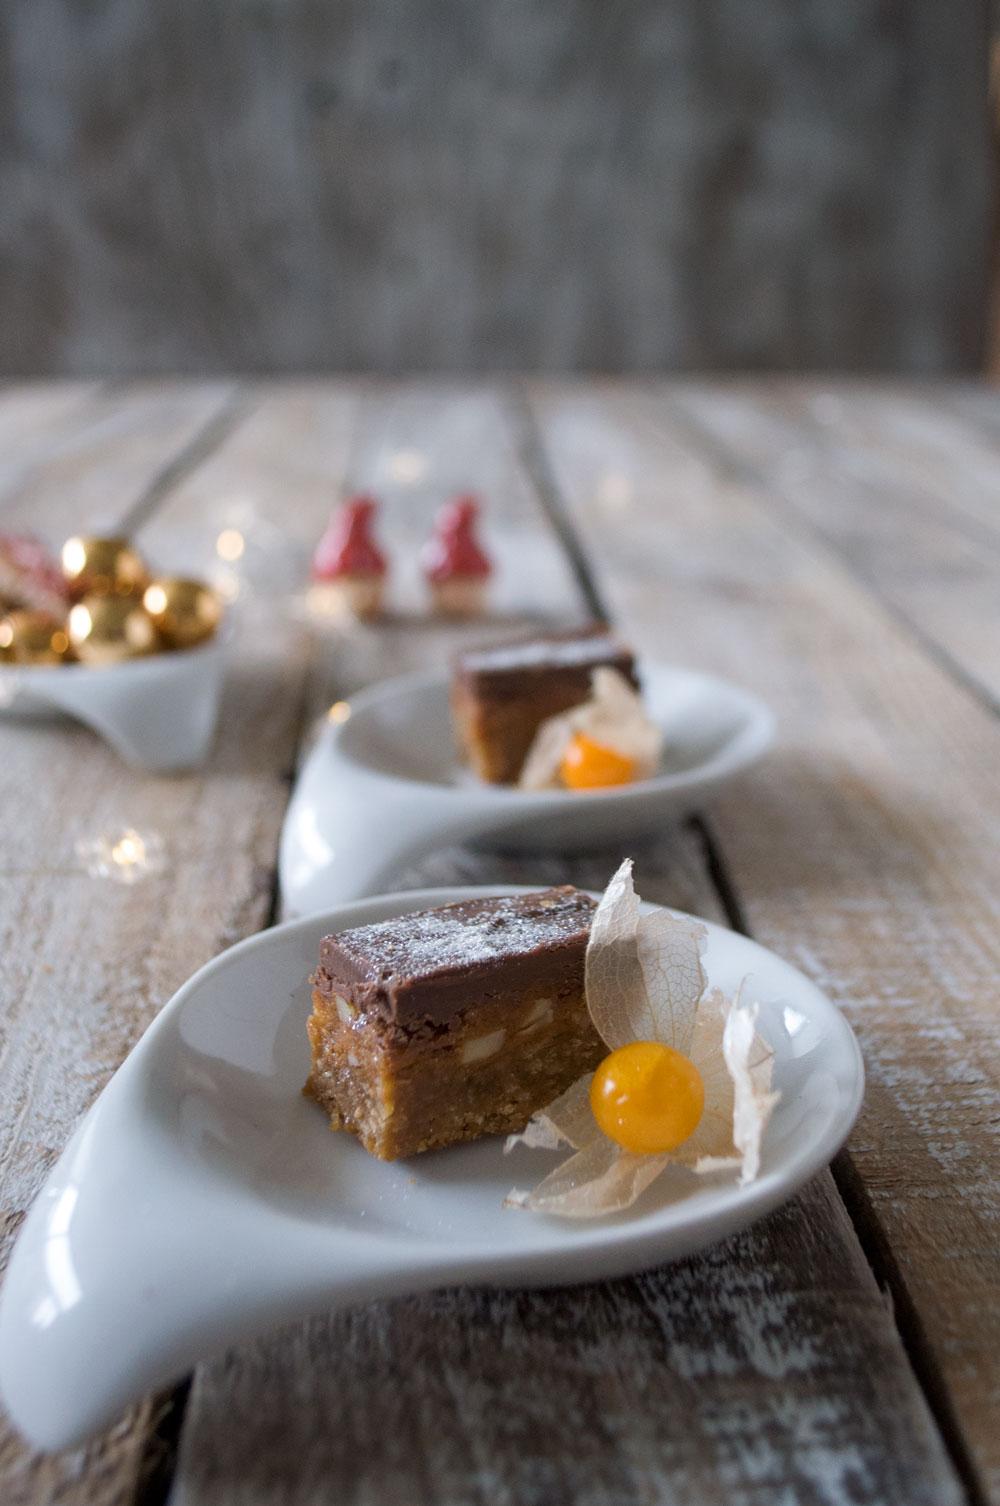 australsk-kiksekage-konfekt-jul-17-2